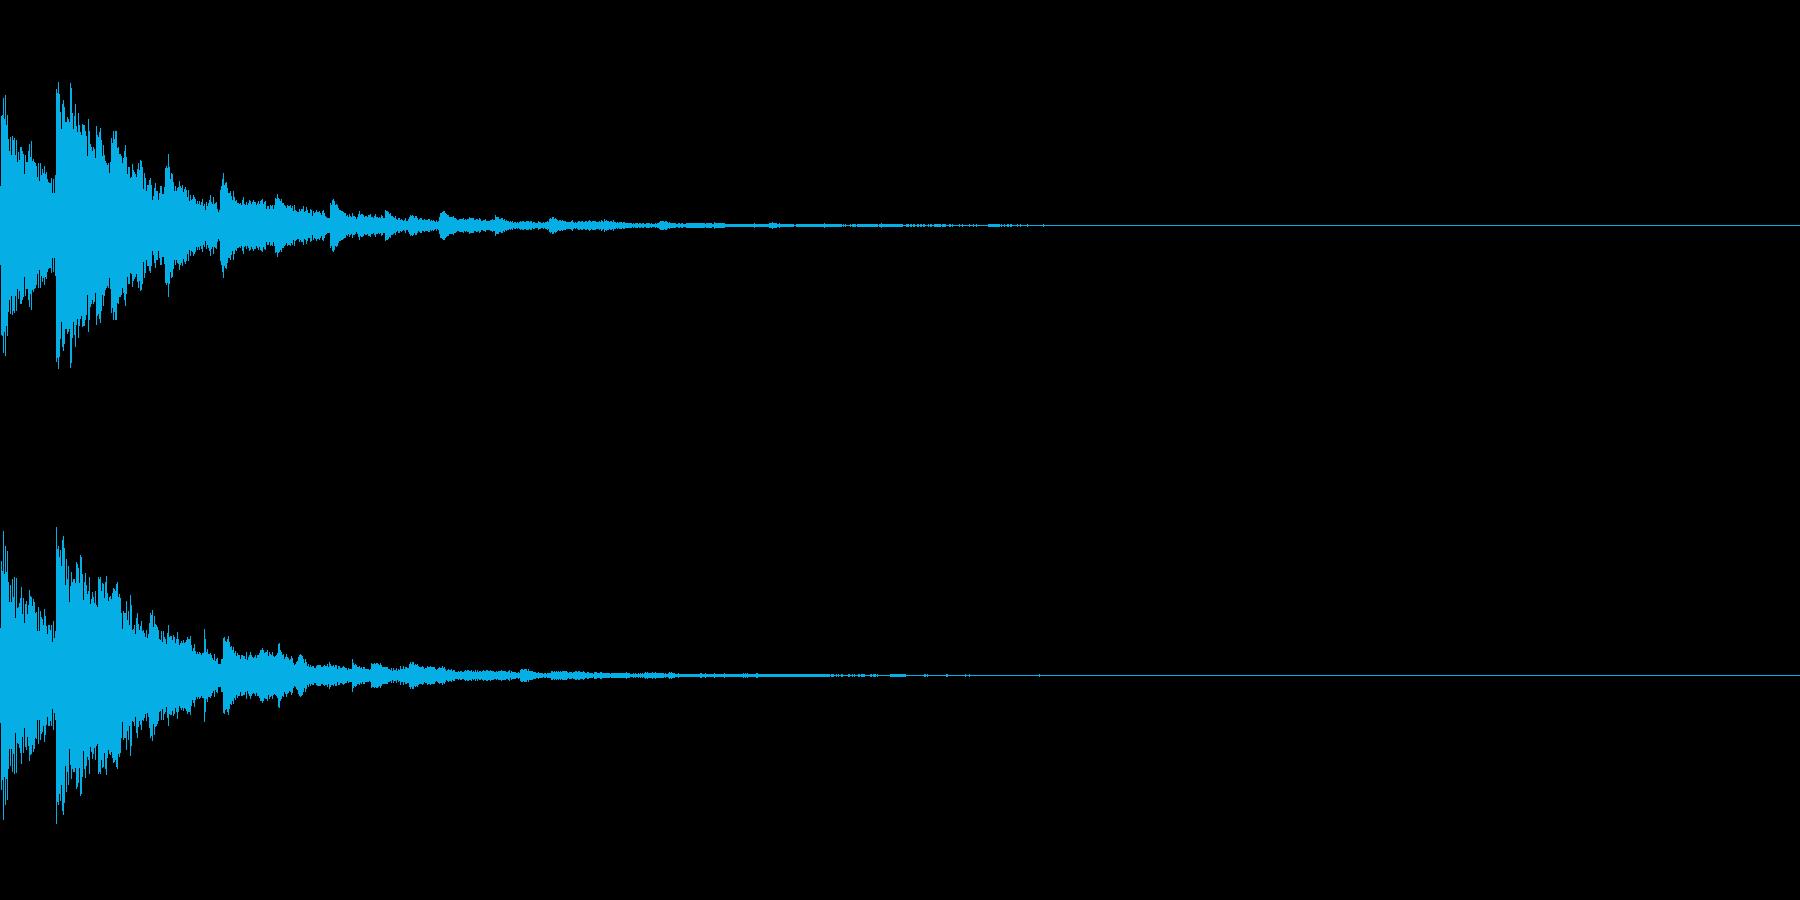 テュイン(ゲーム・アプリ等の決定音)の再生済みの波形